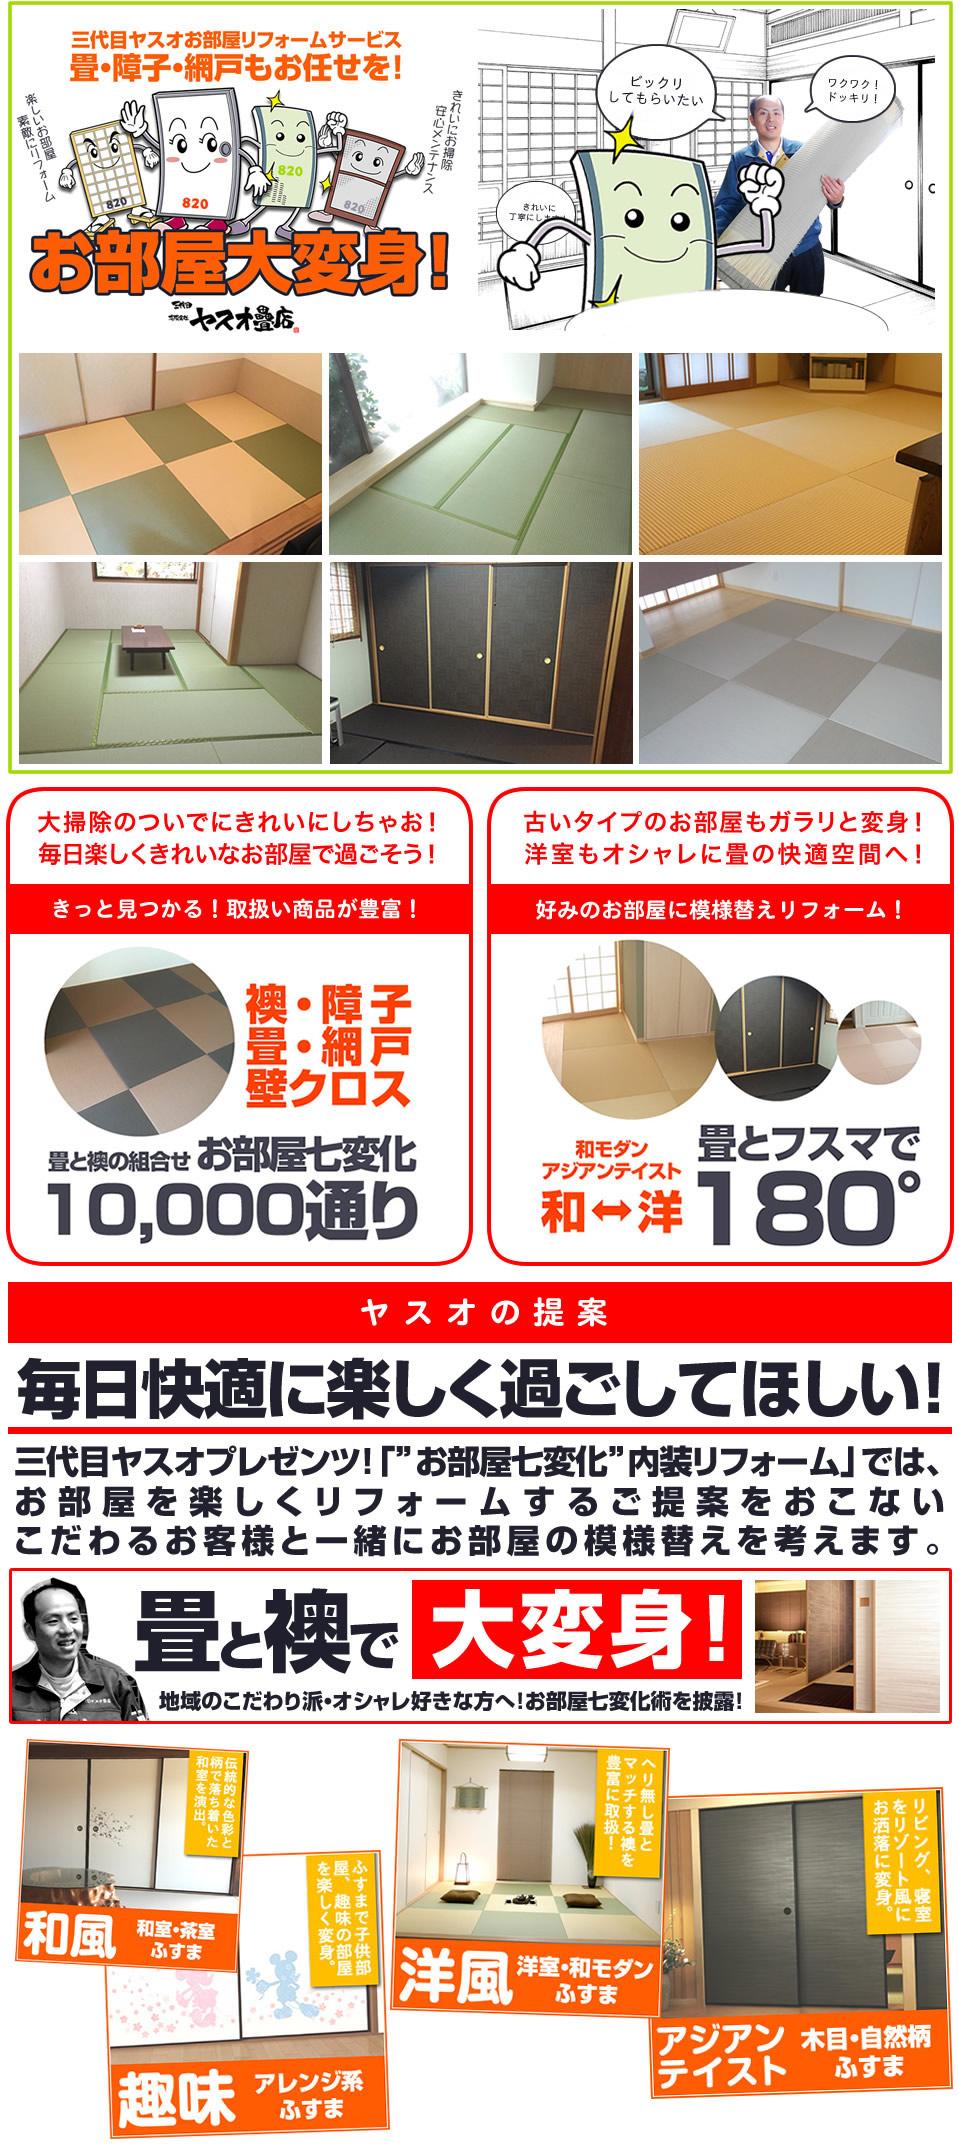 三代目ヤスオtお部屋リフォームサービスについて。大掃除のついでにきれいに。毎日楽しくきれいなお部屋で過ごそう。きっと見つかる、取扱商品が豊富。襖・障子・畳・網戸・壁クロス 畳と襖の組み合わせ10000通り。古いタイプのお部屋もガラリと変身!洋室もオシャレに畳の快適空間へ。好みのお部屋に模様替えリフォーム。和モダン、アジアンテイスト。ヤスオの提案 毎日快適に楽しく過ごしてほしい。三代目ヤスオプレゼンツ「お部屋七変化内装リフォーム」では、お部屋を楽しくリフォームするご提案をおこない、こだわるお客様と一緒にお部屋の模様替えを考えます。畳と襖で大変身!地域のこだわり派・オシャレ好きな方へ!お部屋七変化術を披露。」